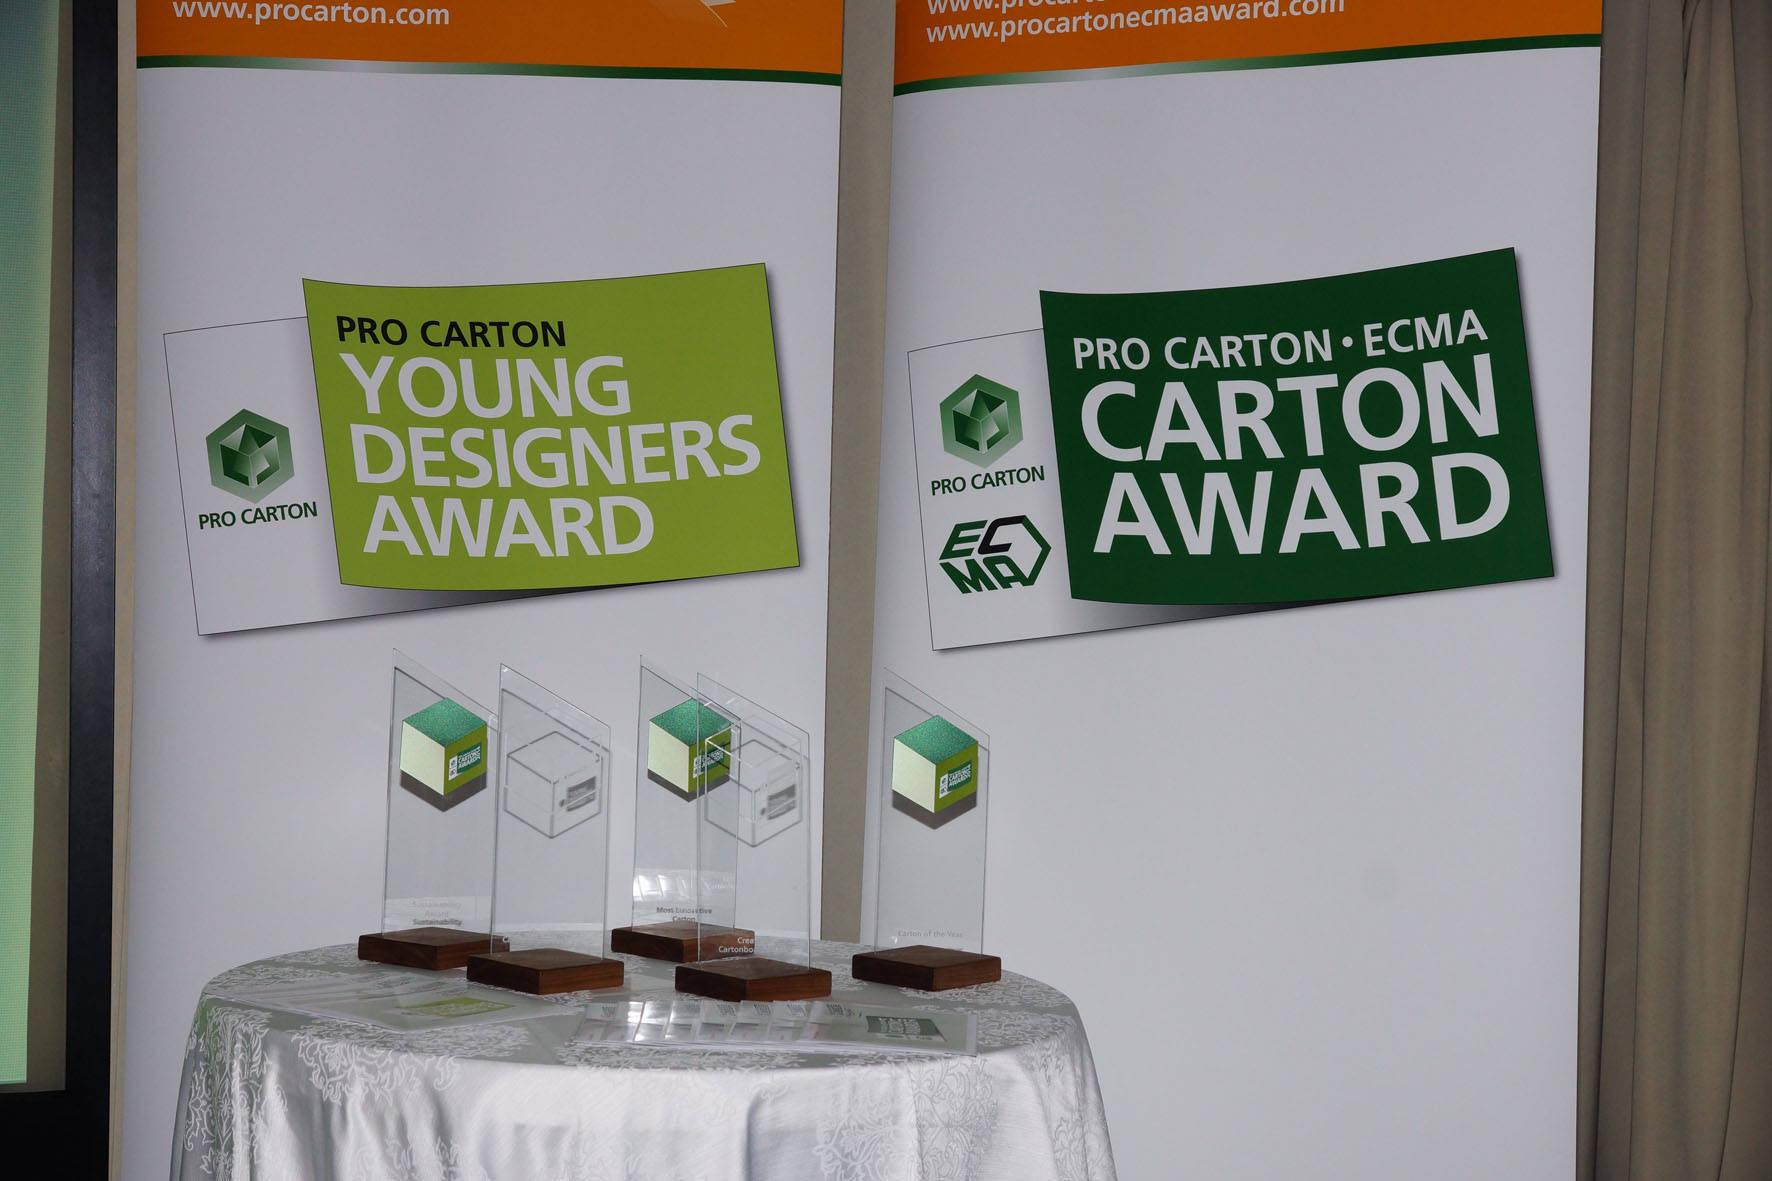 Pro Carton ECMA Award Presentation